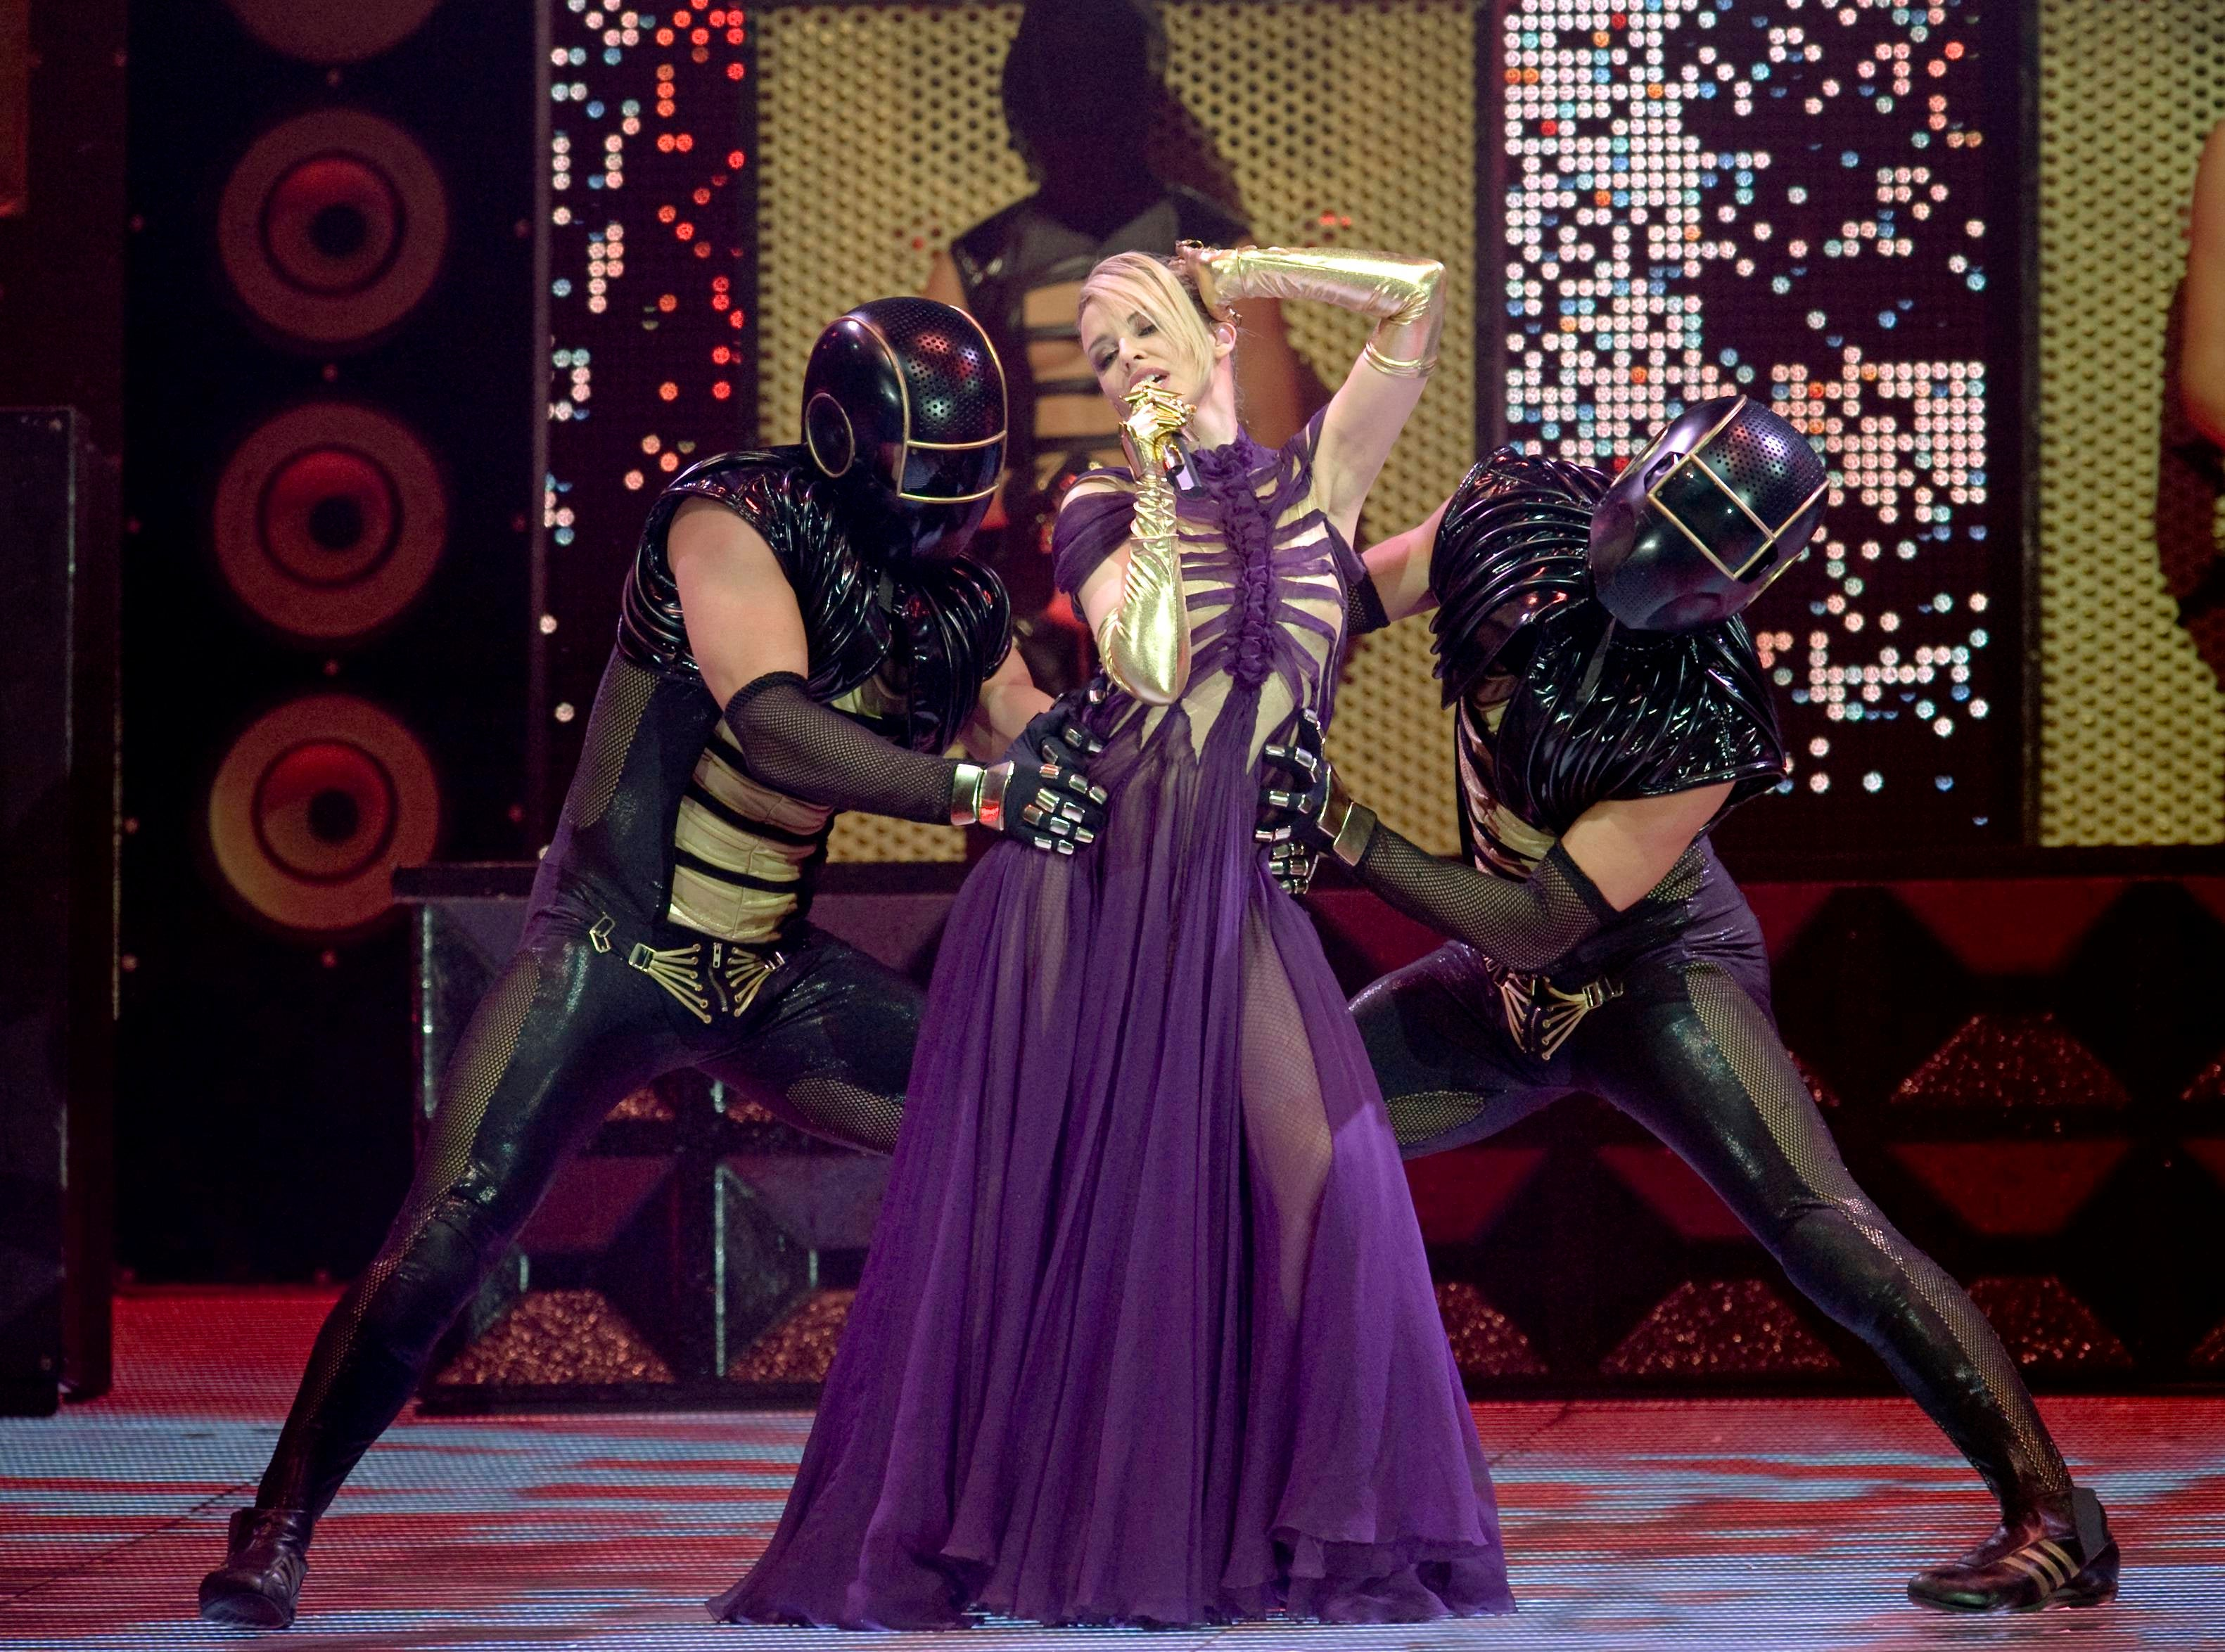 Na kostýmech pro turné KylieX2008 se mimo jiných návrhářů podílel i Jean Paul Gaultier. Rok 2008. Autor: Getty Images